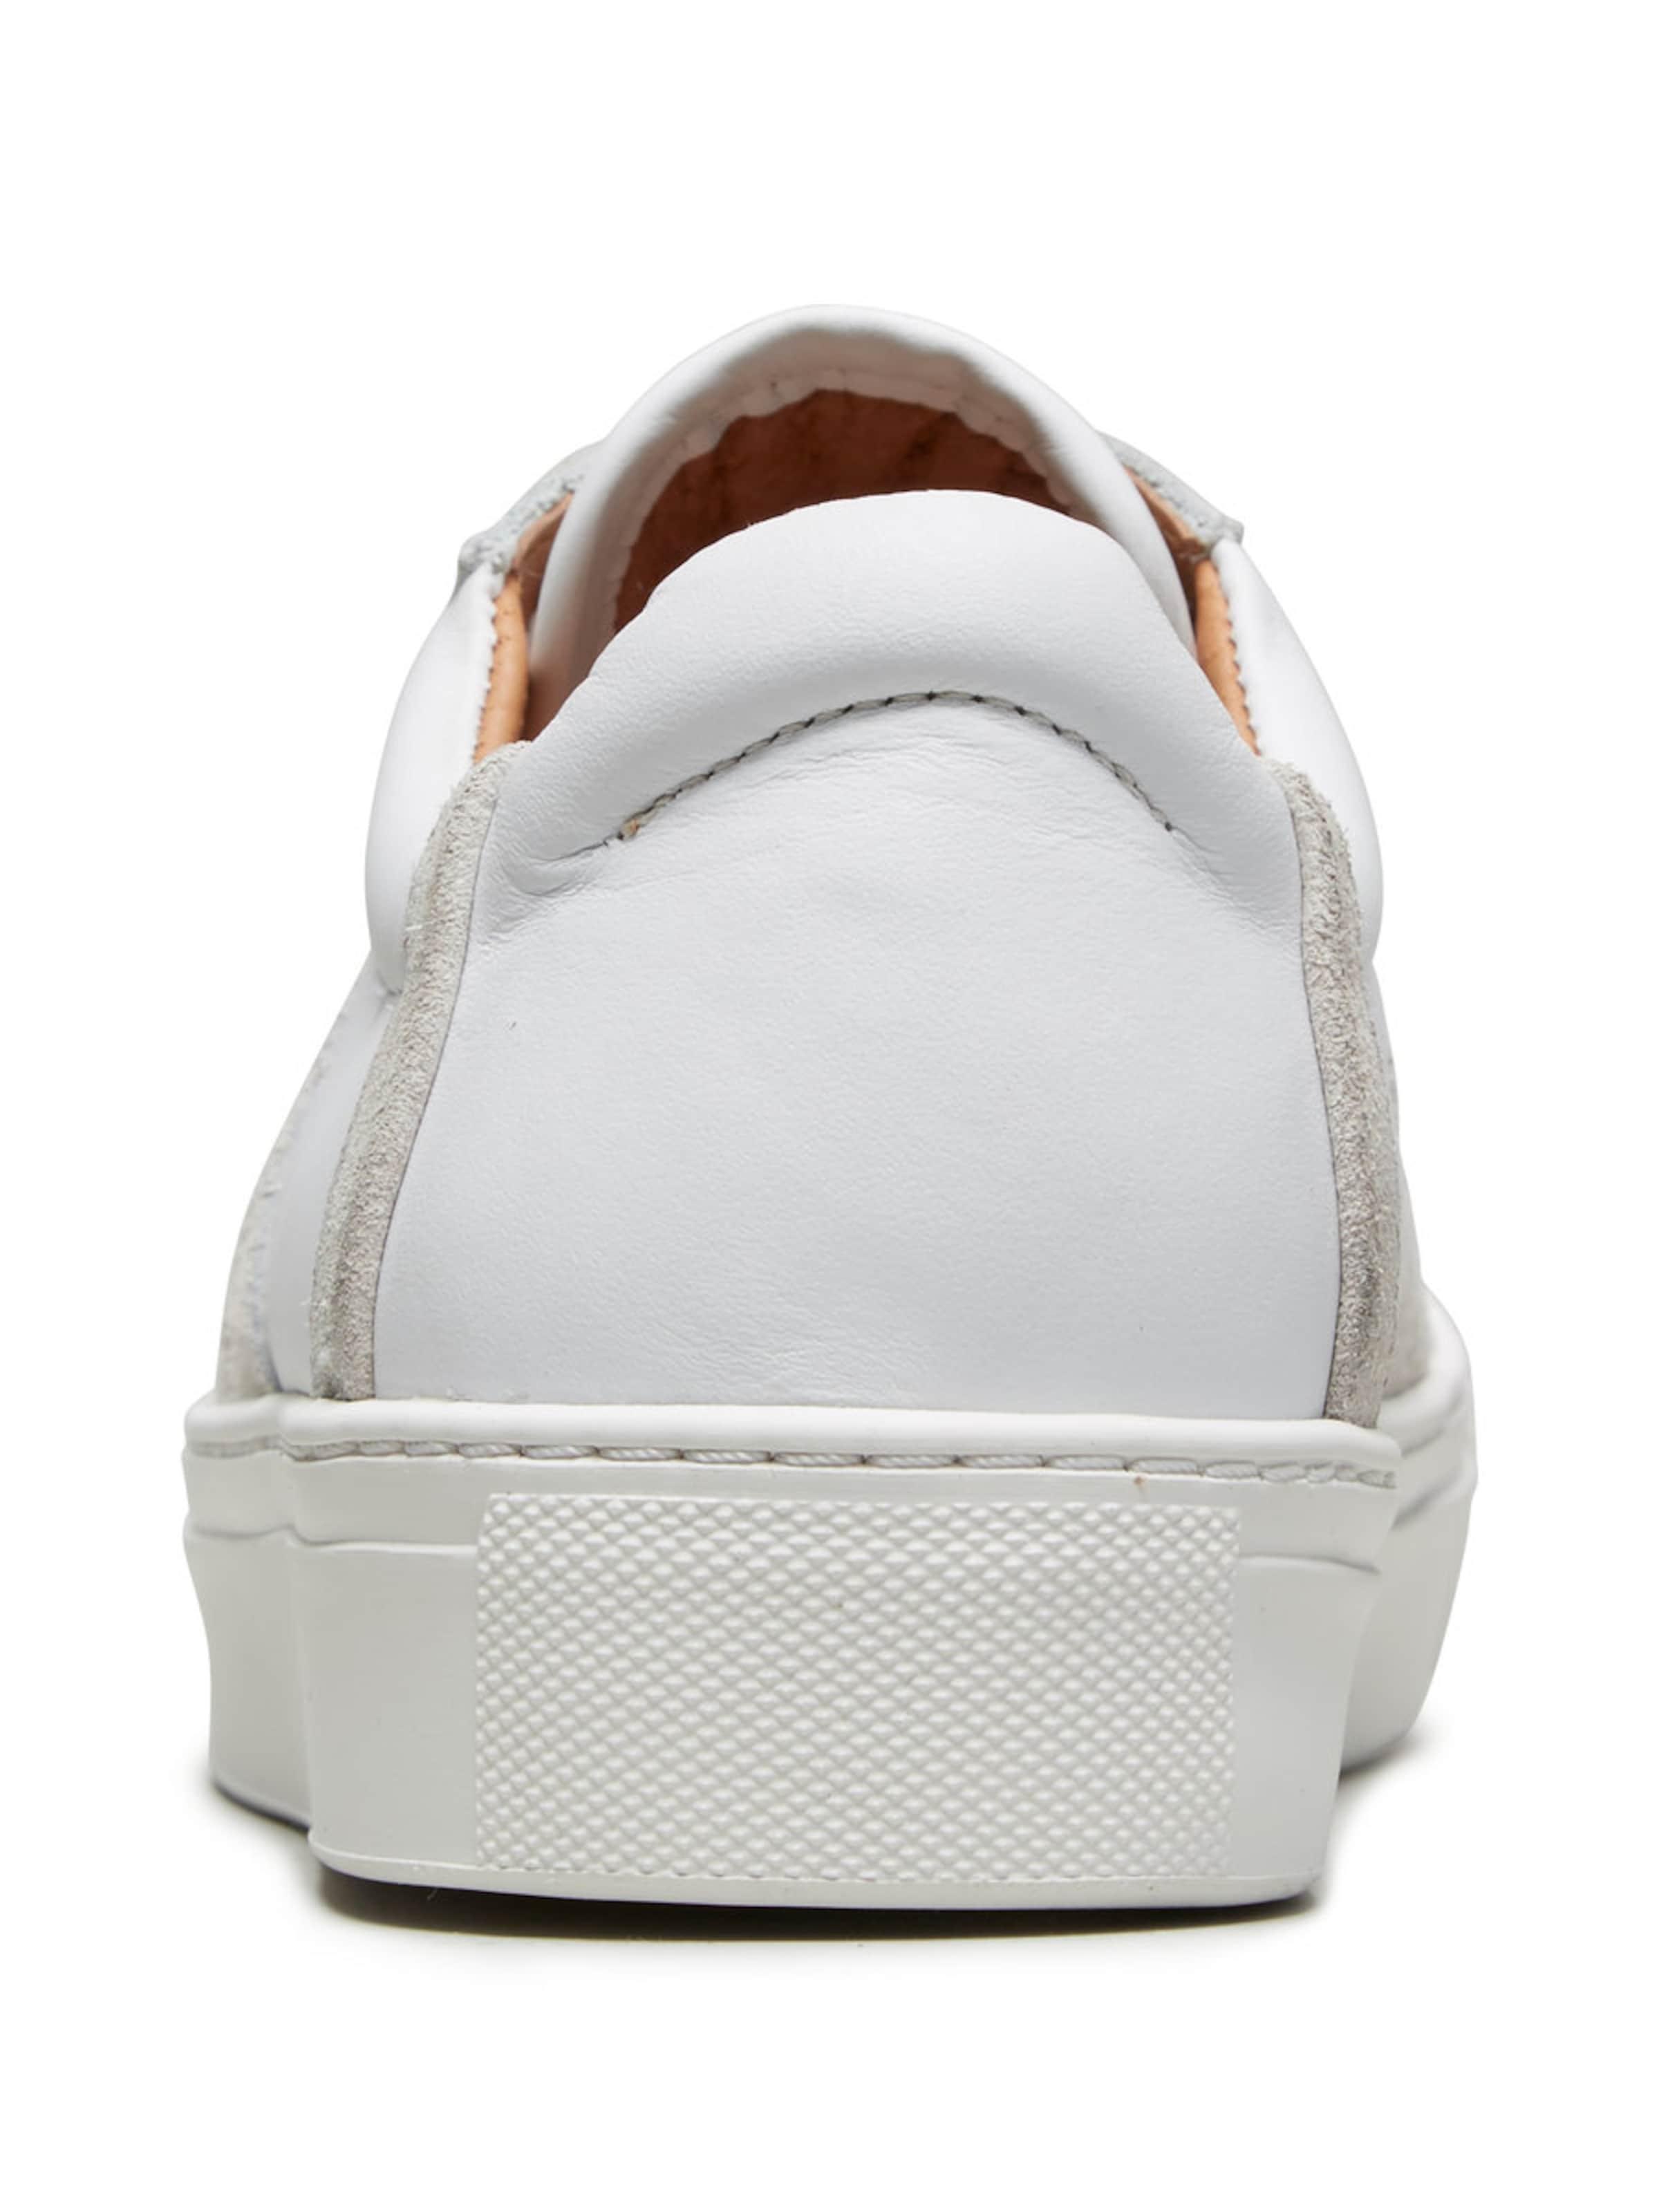 SELECTED FEMME Leder Sneaker Outlet Besten Großhandel HqiC44Wv